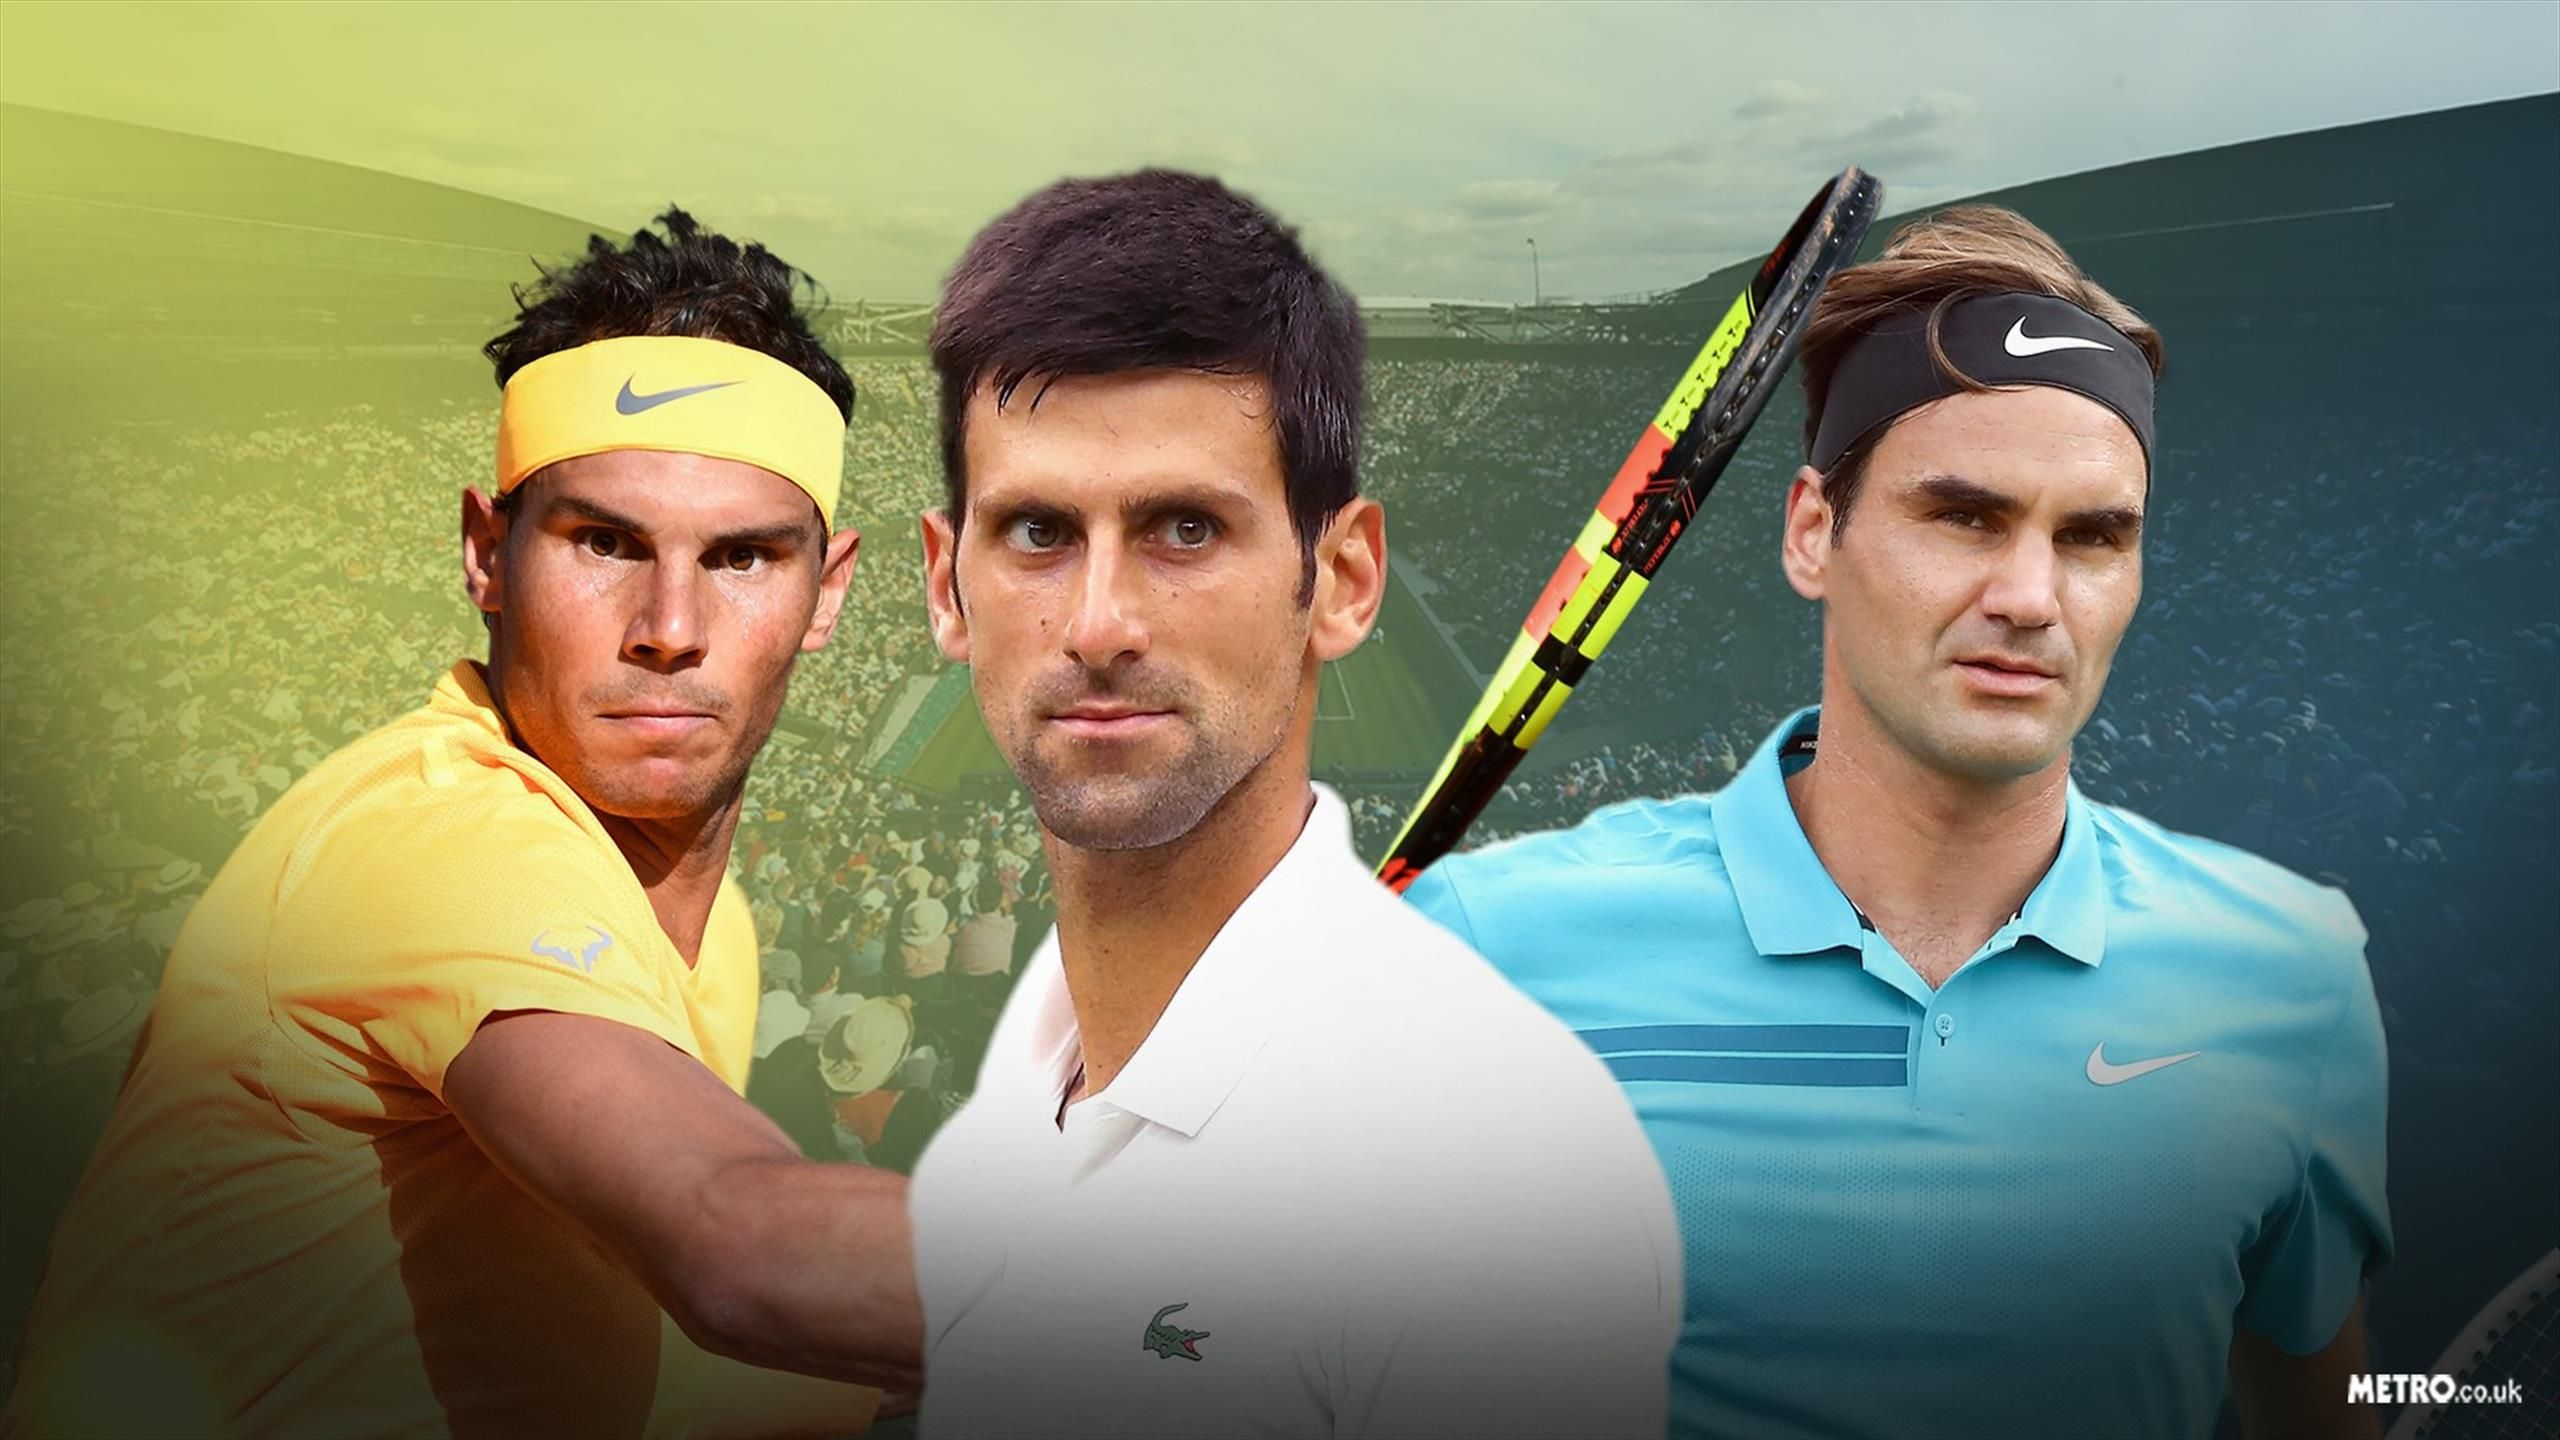 """Federer en iyisi ama Nadal'ın en zorlu rakibi Djokovic"""" - Eurosport"""